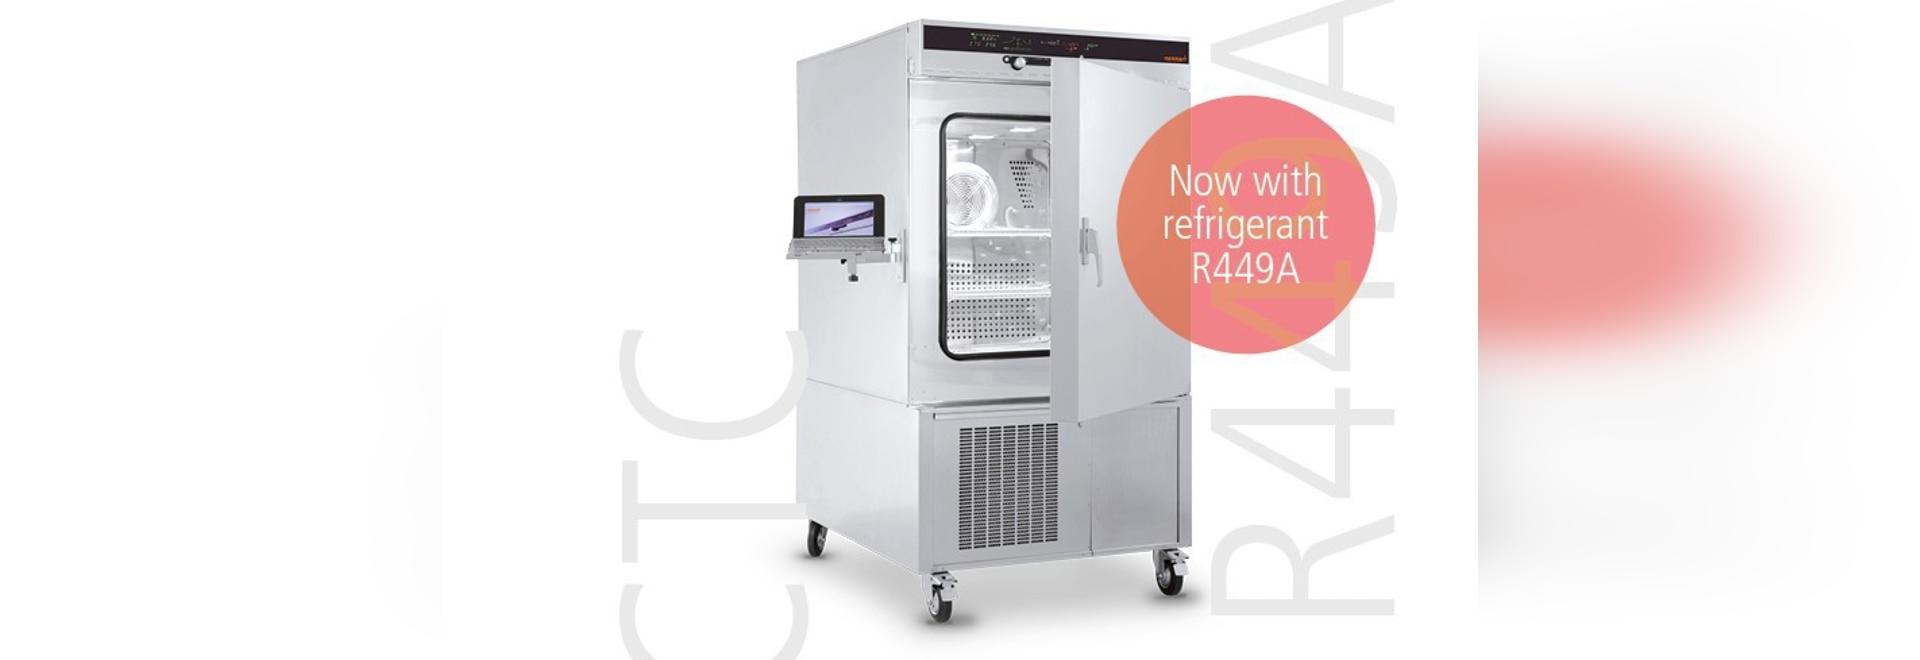 Chambres CTC/TTC d'essai concernant l'environnement de Memmert maintenant avec R449A réfrigérant